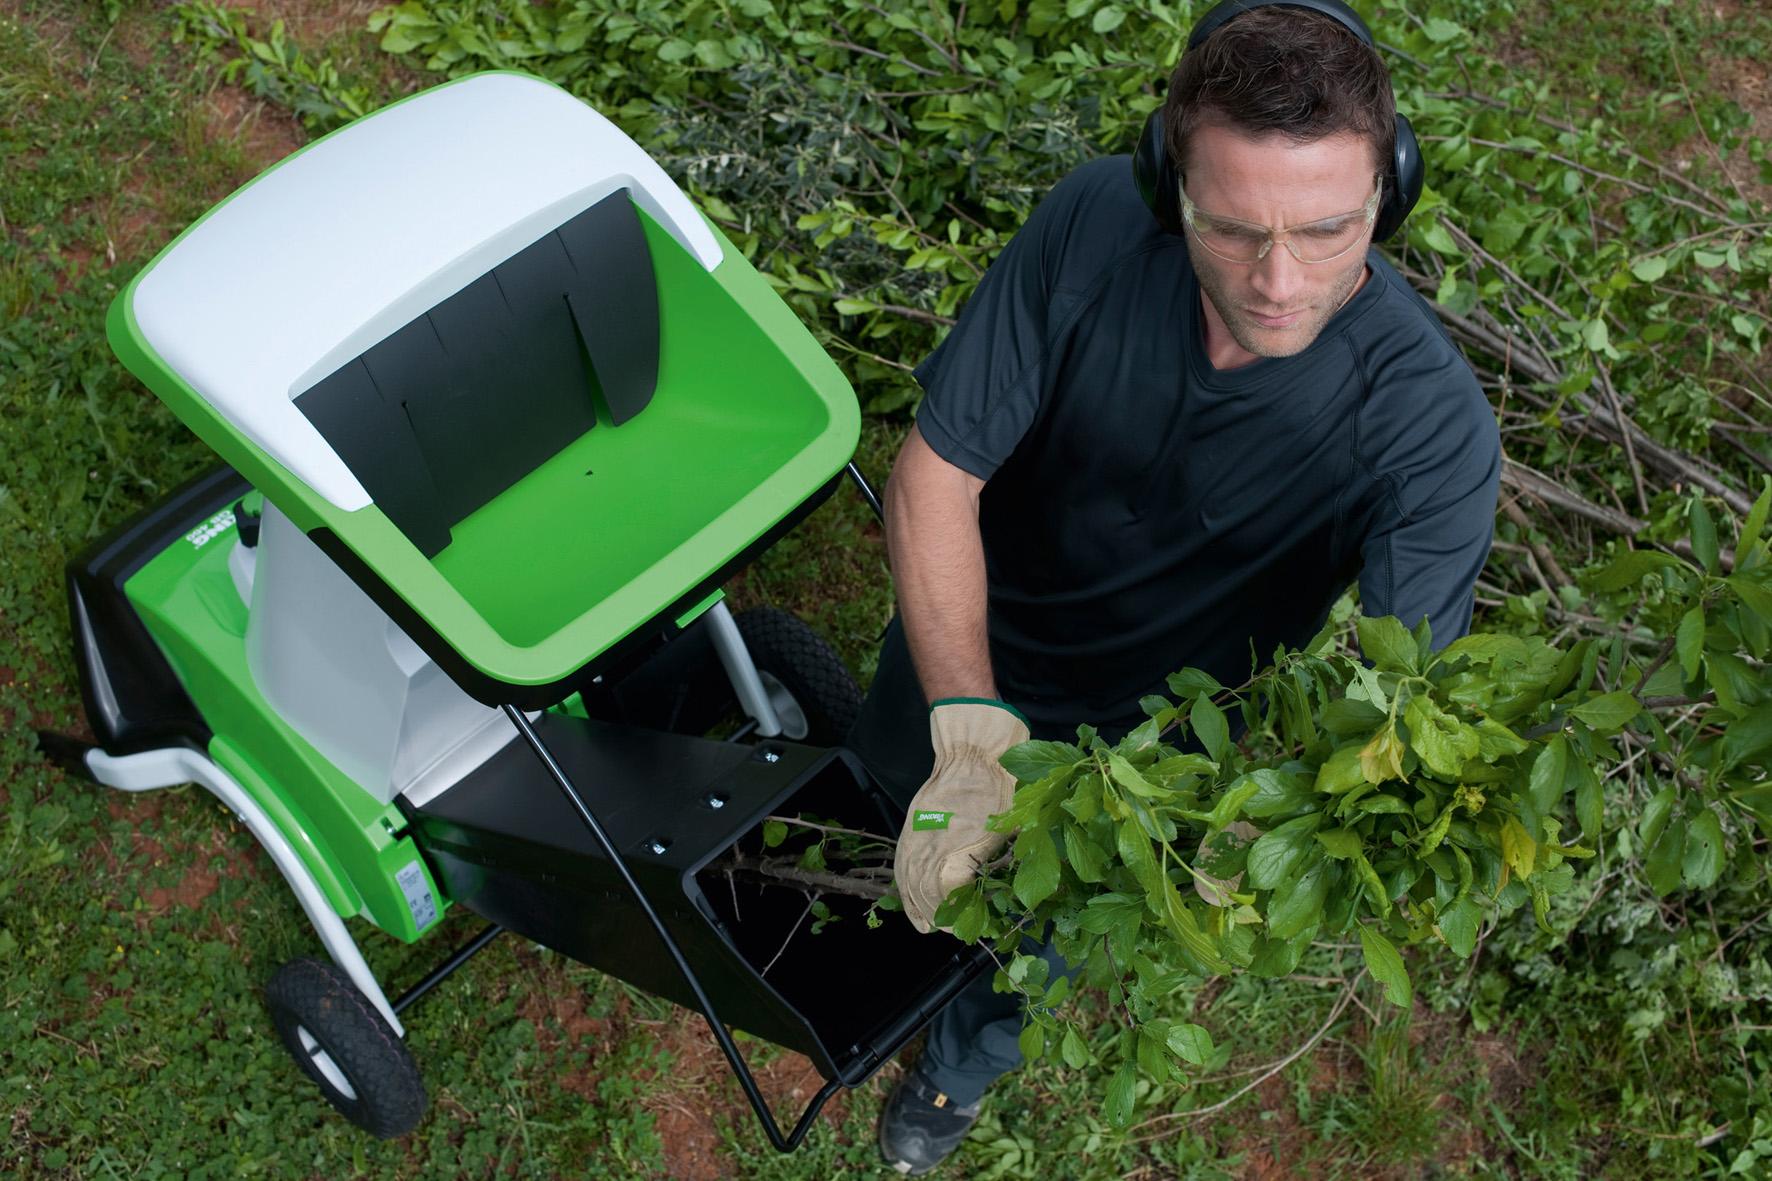 Садовый электрический измельчитель веток: нюансы выбора